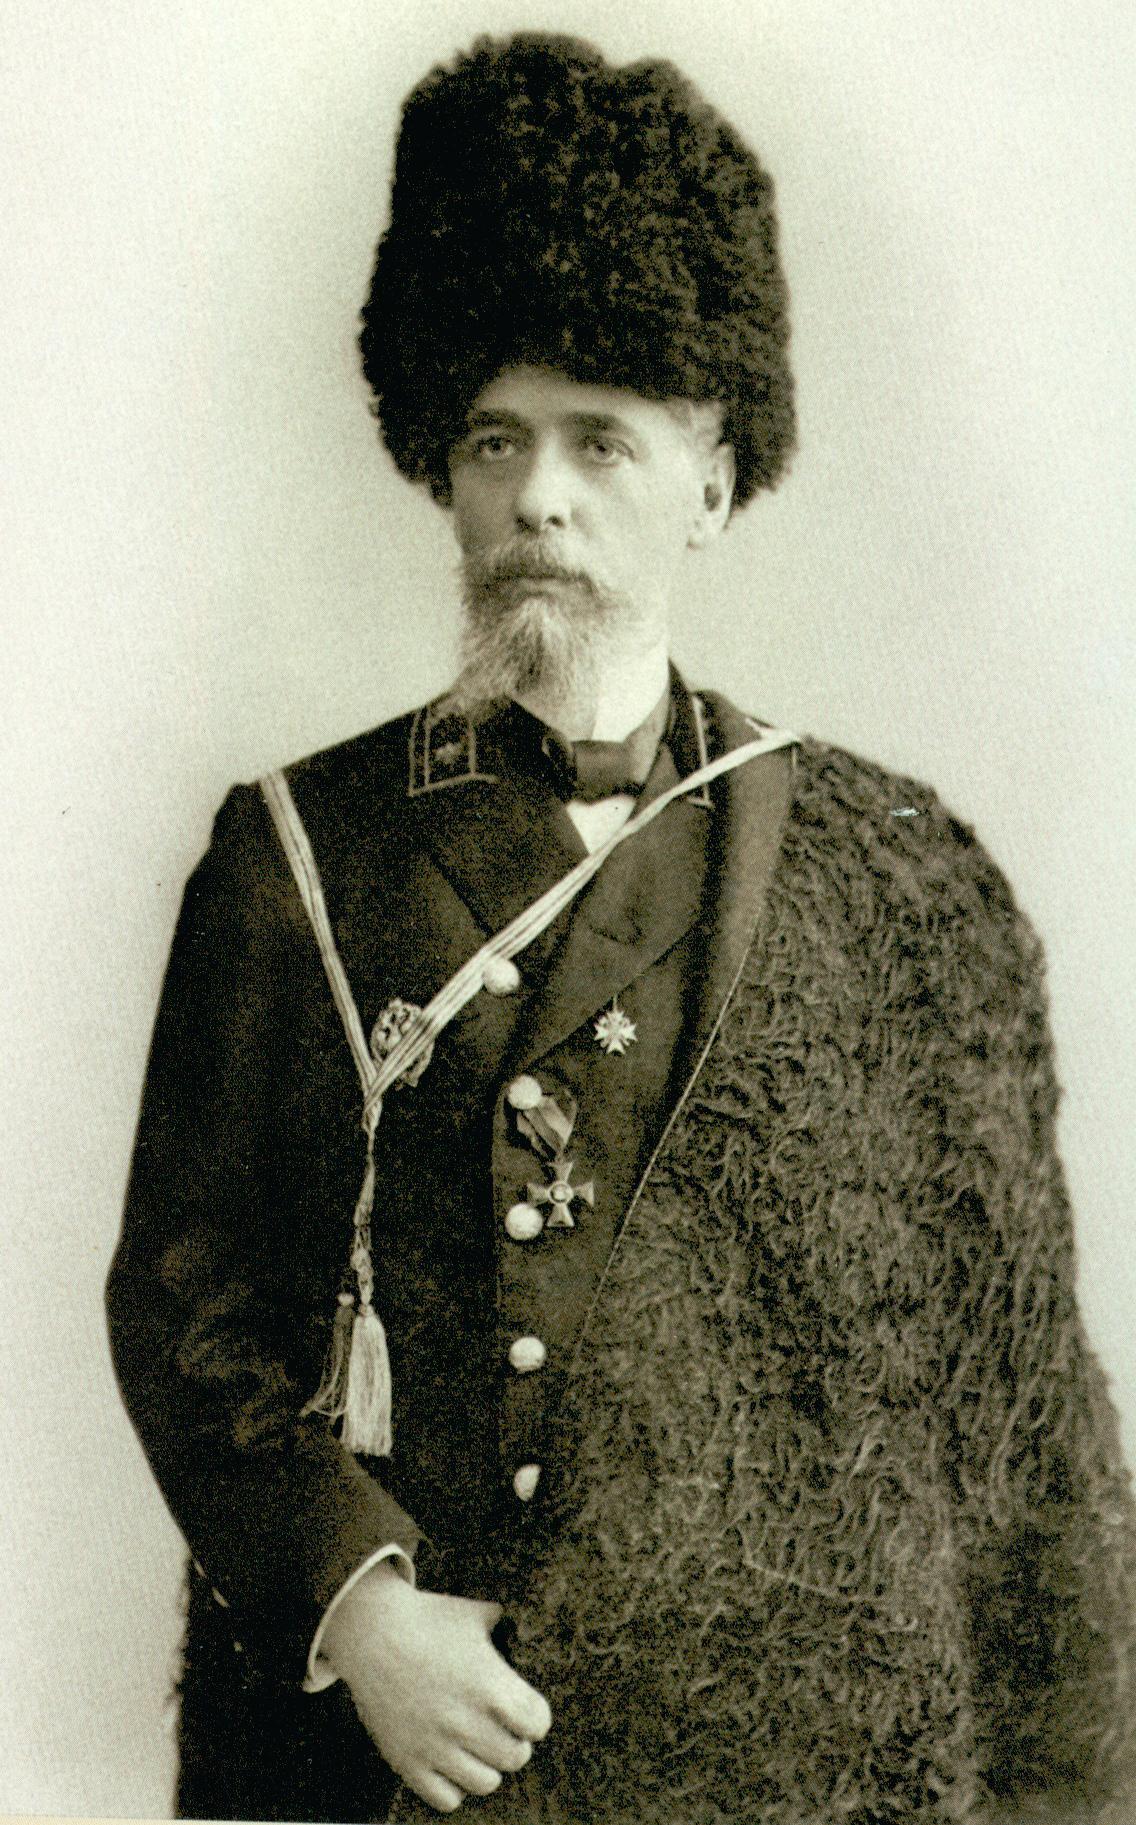 Гарин-Михайловский Николай Георгиевич.Считается одним из отцов-основателей города Новониколаевска